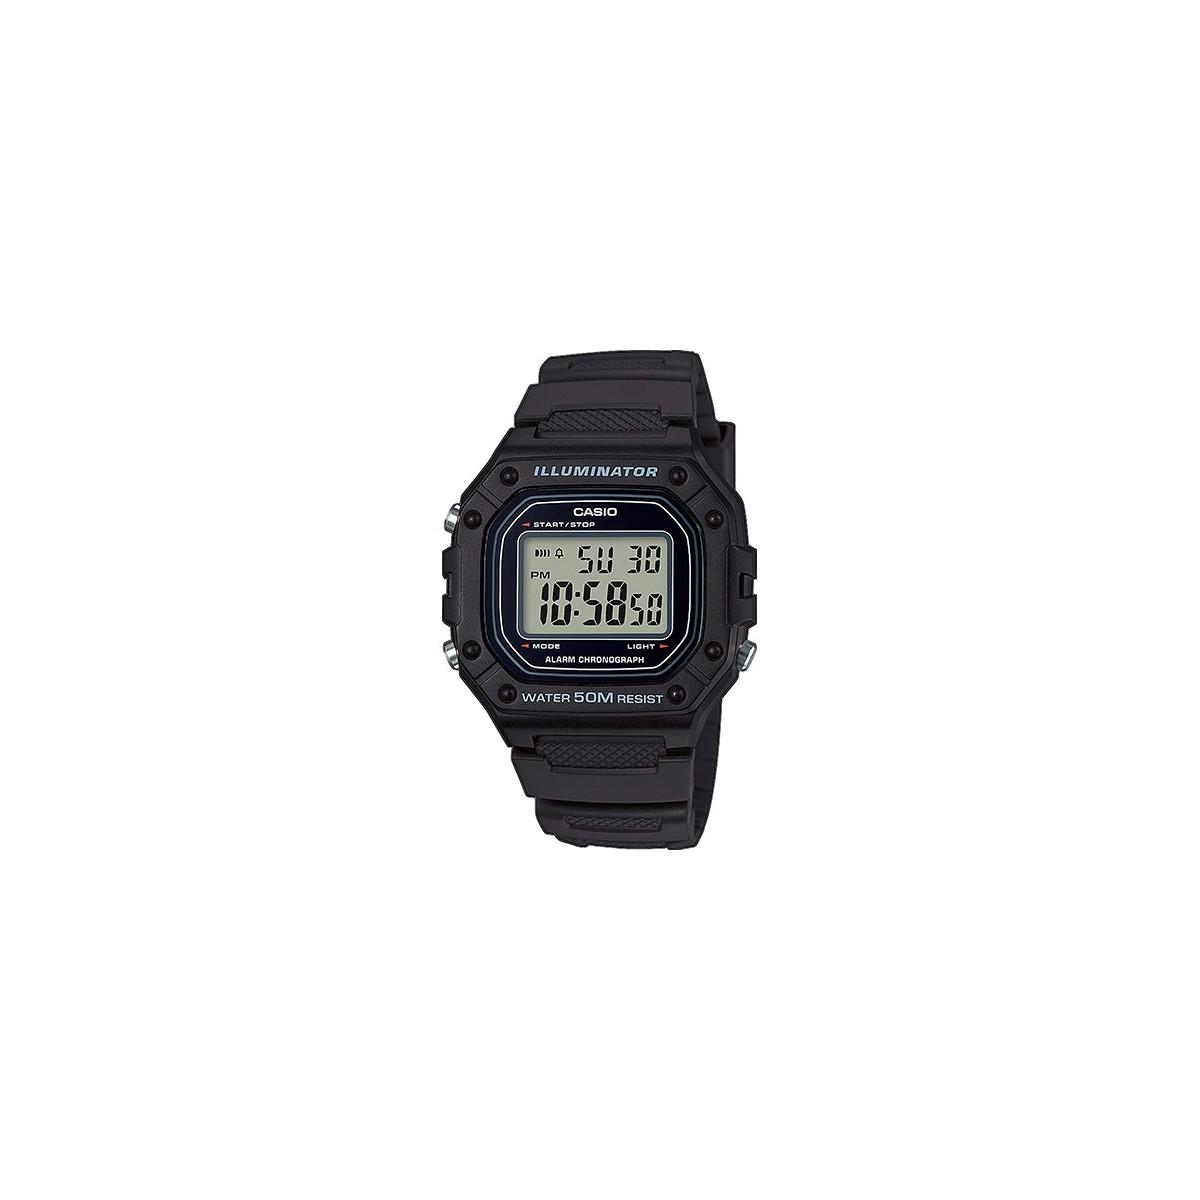 https://www.gaberjoyeria.com/5879-thickbox_default/reloj-casio-.jpg